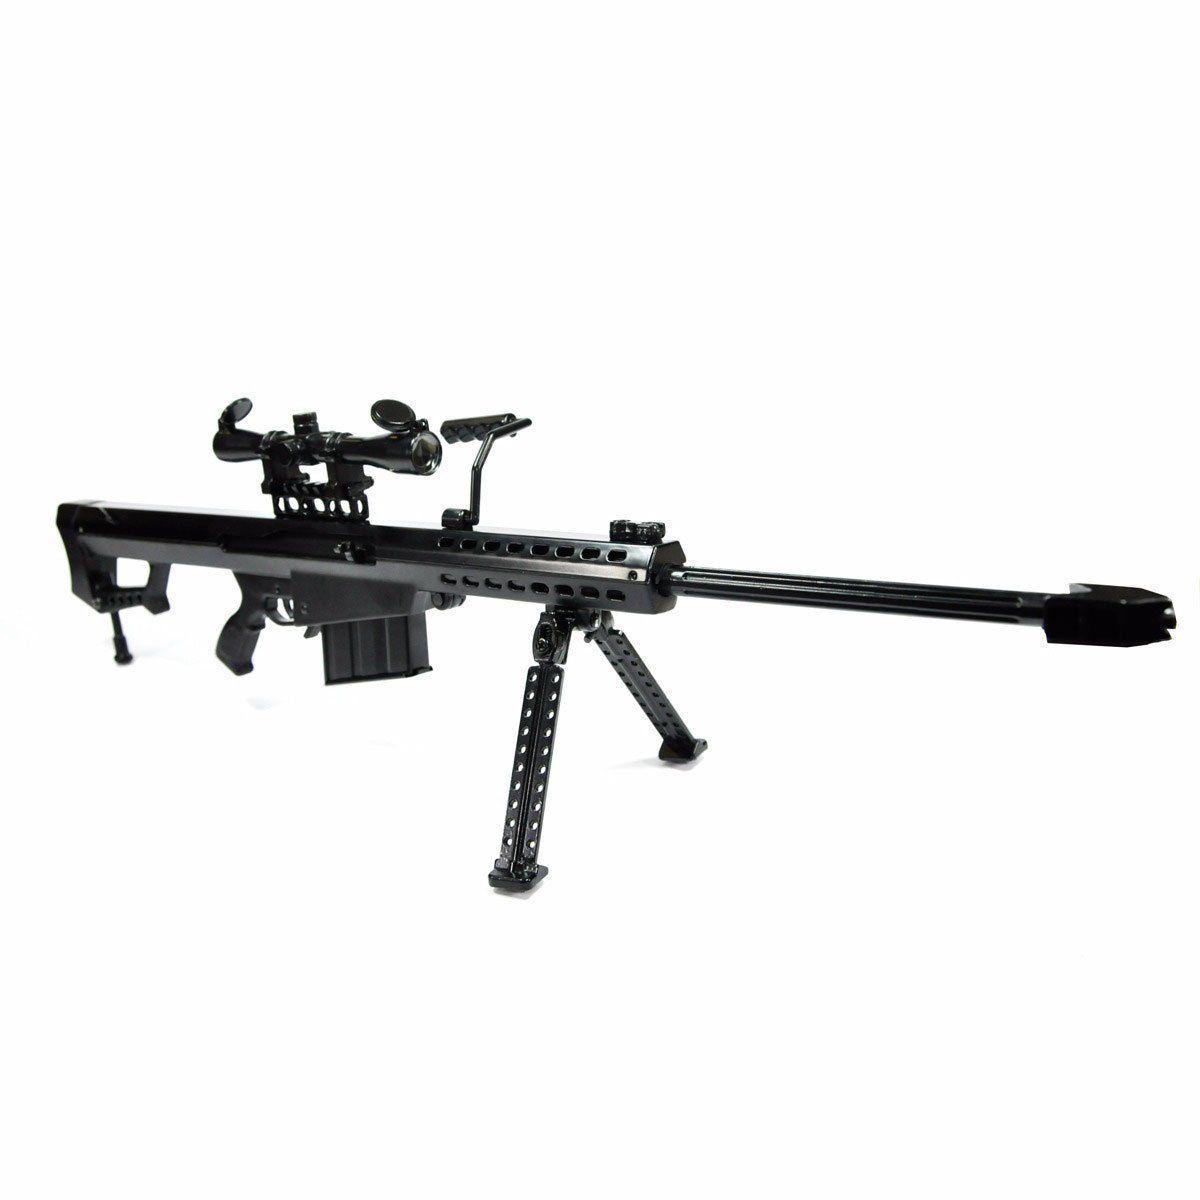 Miniatura De Arma Barret M82A1 Preta 65cm